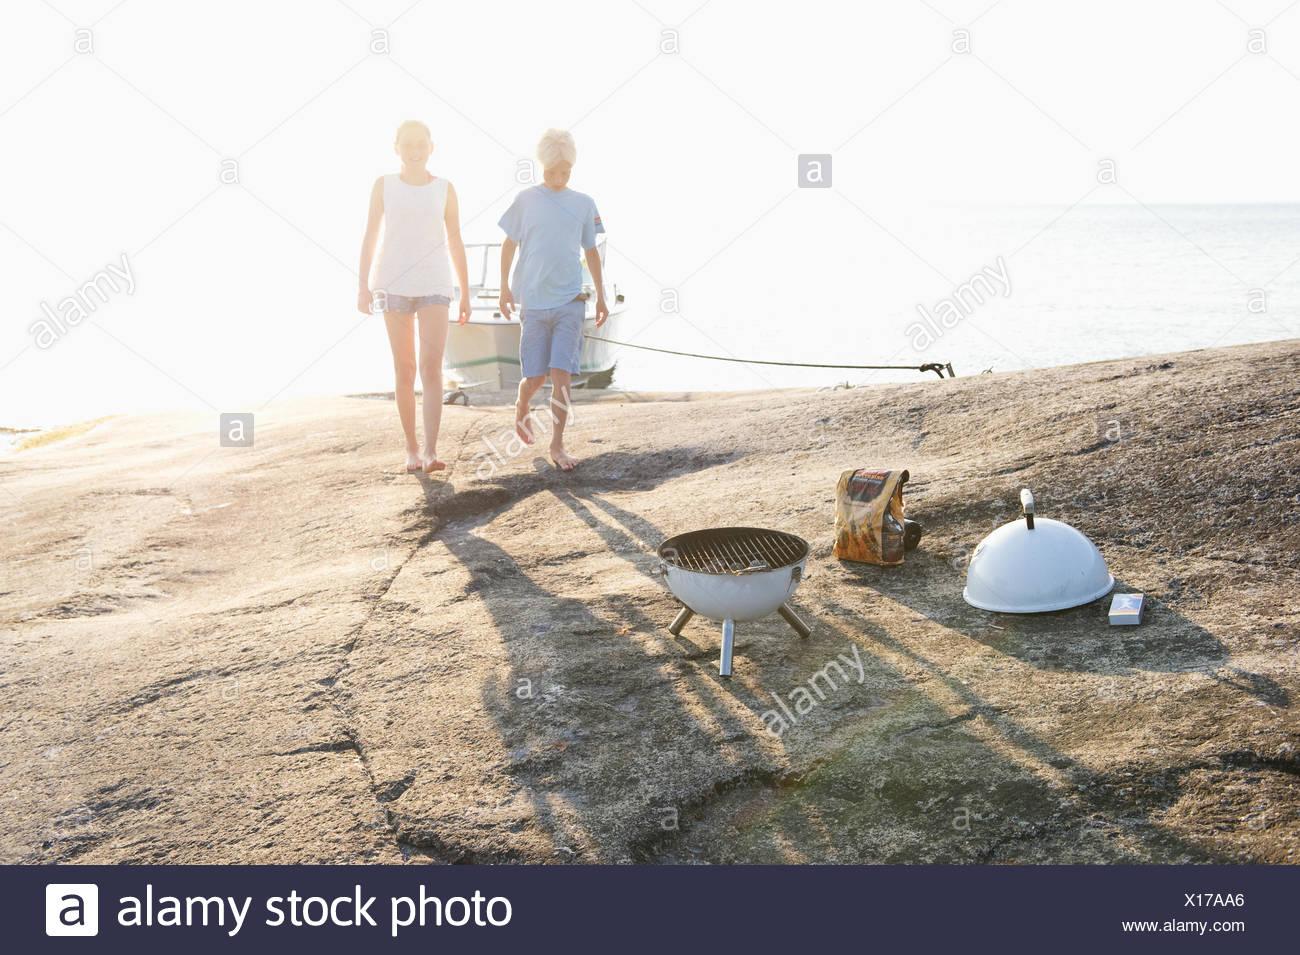 Sweden, Sodermanland, Stockholm Archipelago, Norsten, Boy and girl (12-13) on coastline - Stock Image